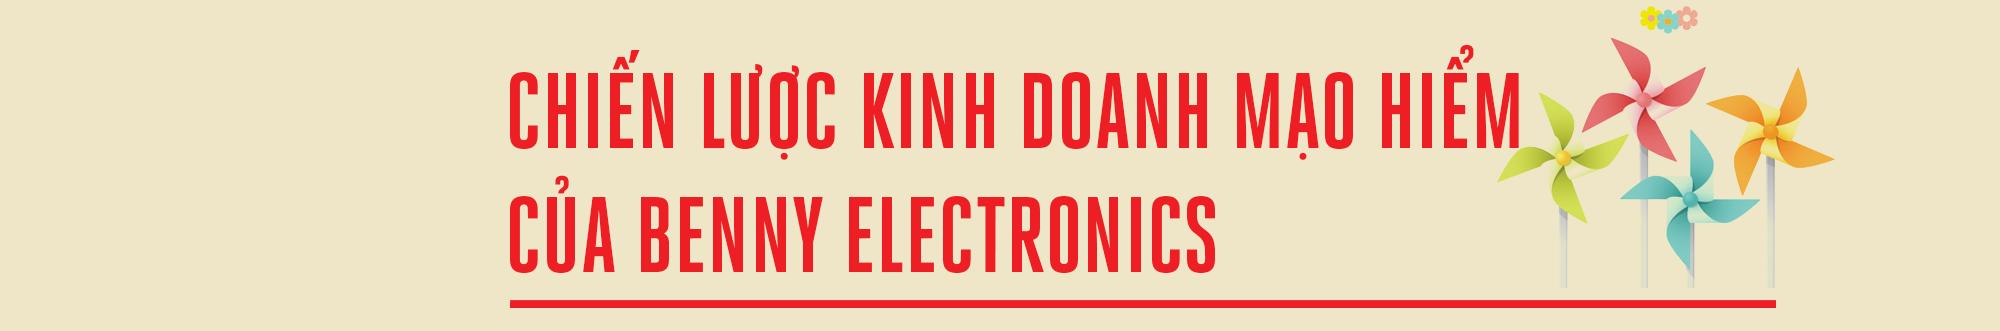 Benny Electronics và hành trình chiếm lĩnh trái tim người tiêu dùng Việt - Ảnh 2.